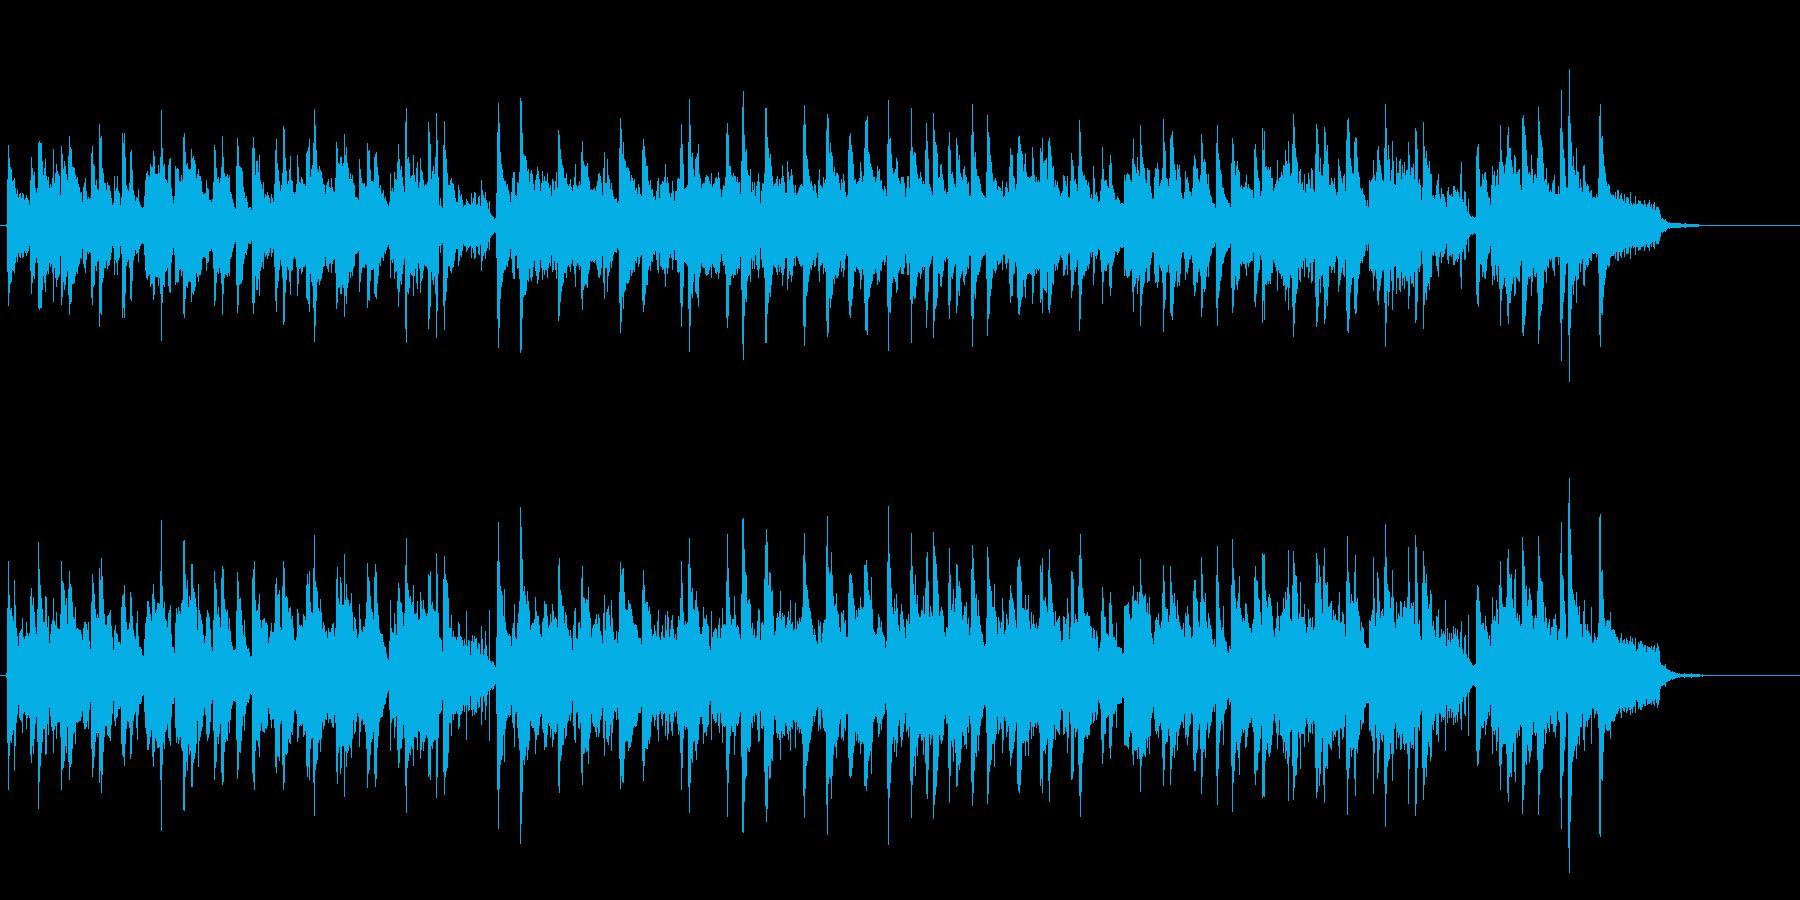 おだやかでさりげないミディアム・バラードの再生済みの波形